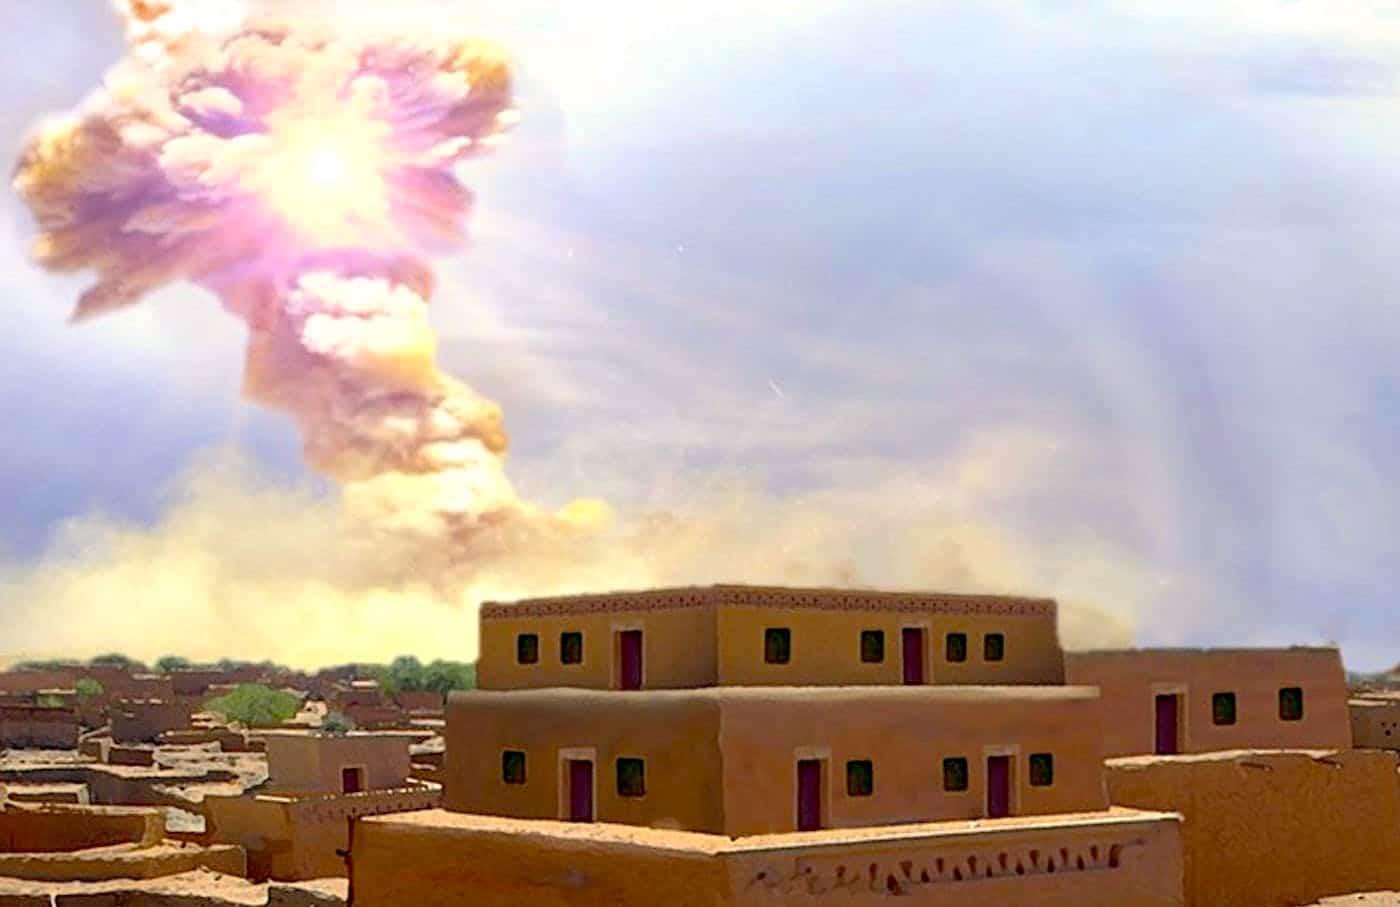 Une ville entière aurait disparu dans l'explosion d'une roche spatiale il y a environ 3600 ans